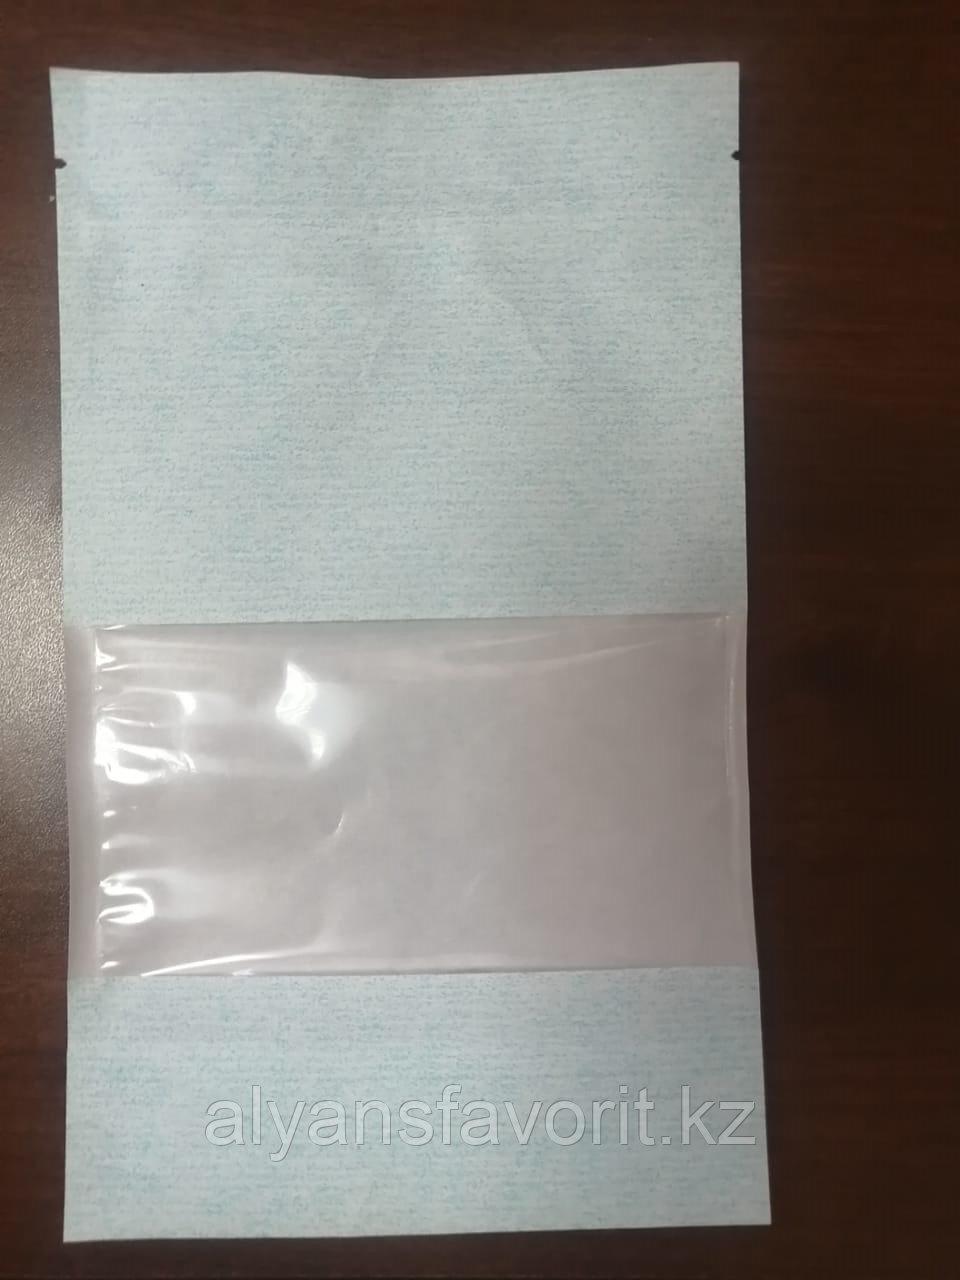 Пакет дой-пак бумажный голубой с окном 70 мм и с замком zip-lock